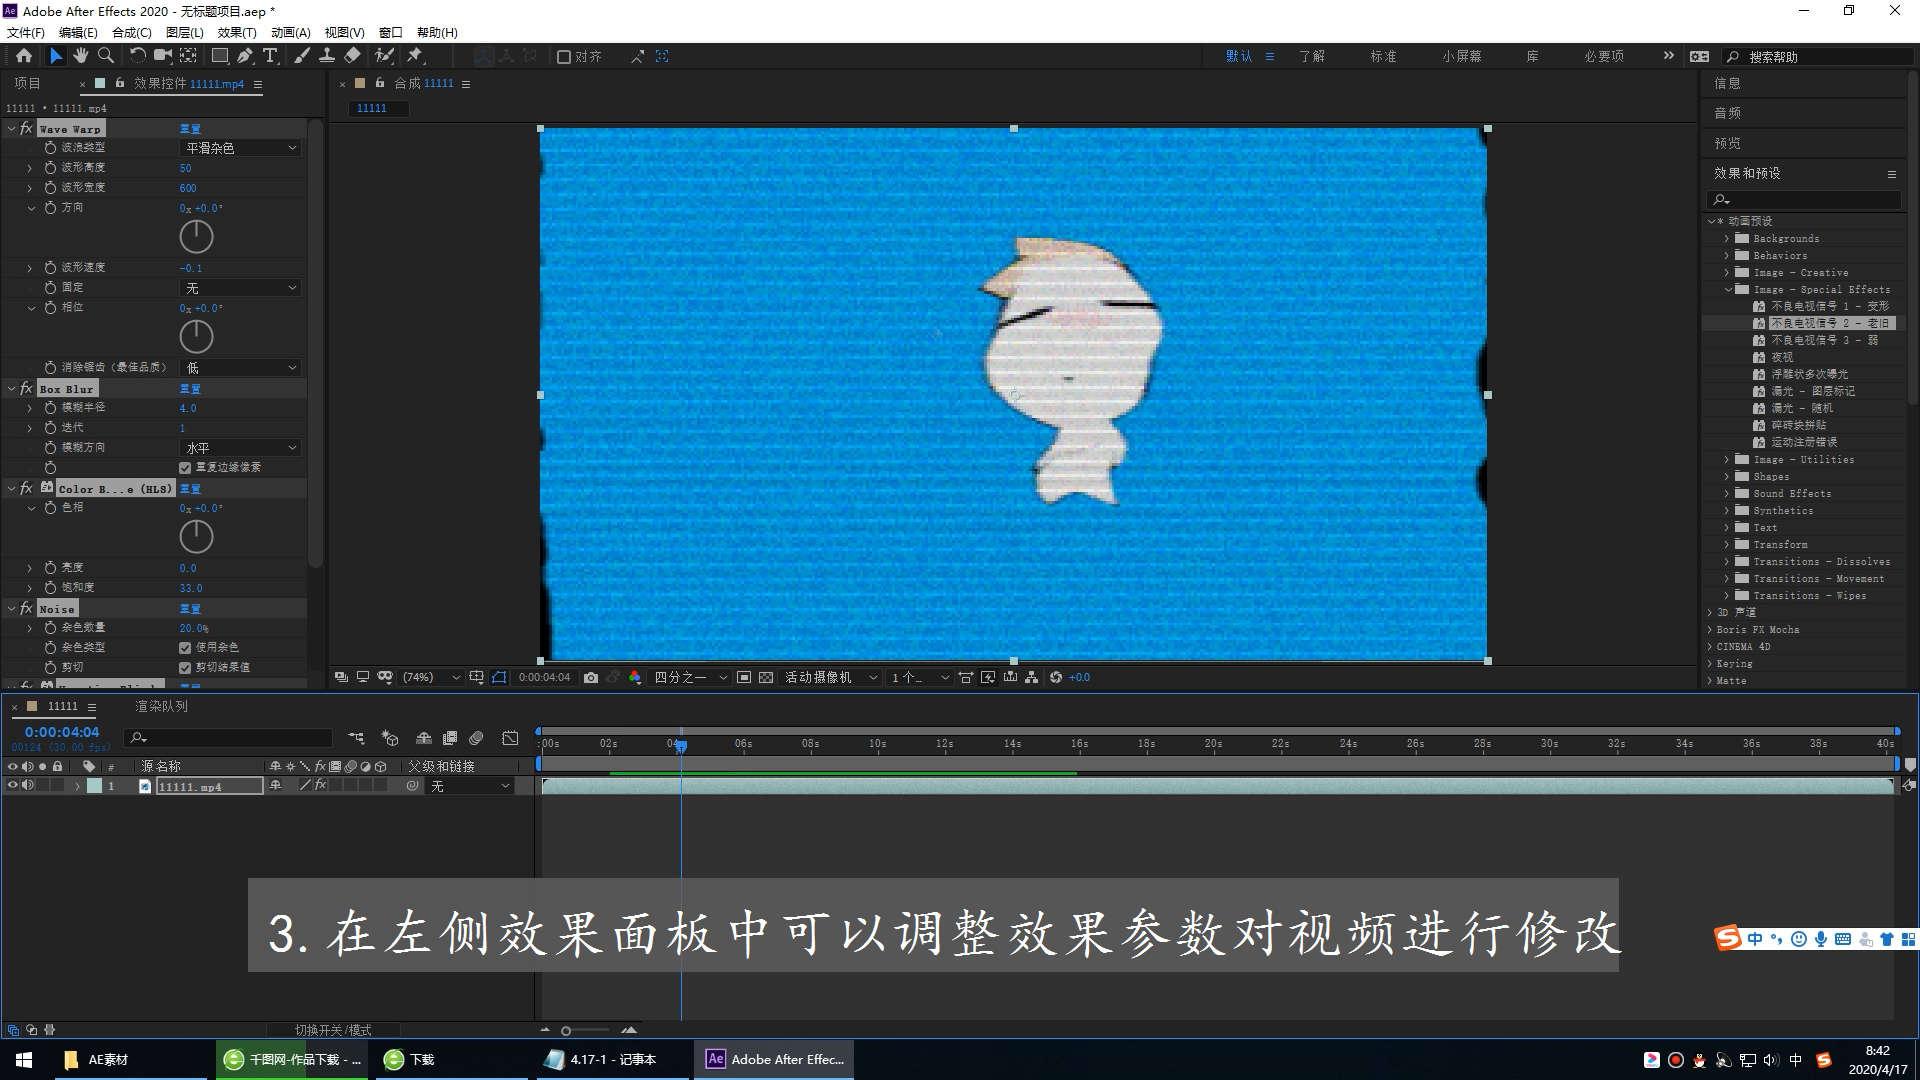 ae怎么给视频加效果第3步